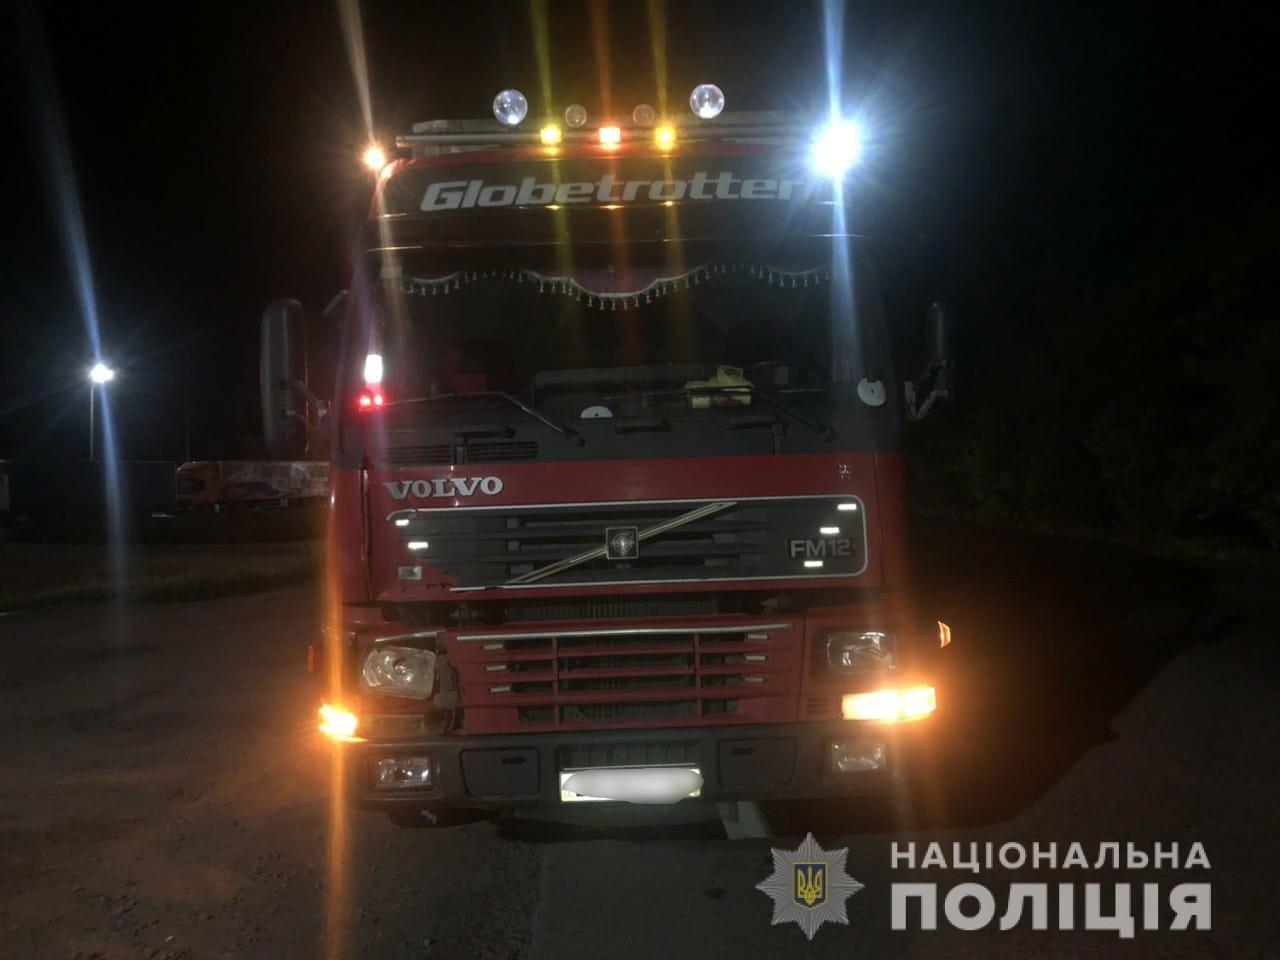 Переходил дорогу в неположенном месте: под Харьковом фура насмерть переехала пешехода, - ФОТО, фото-1